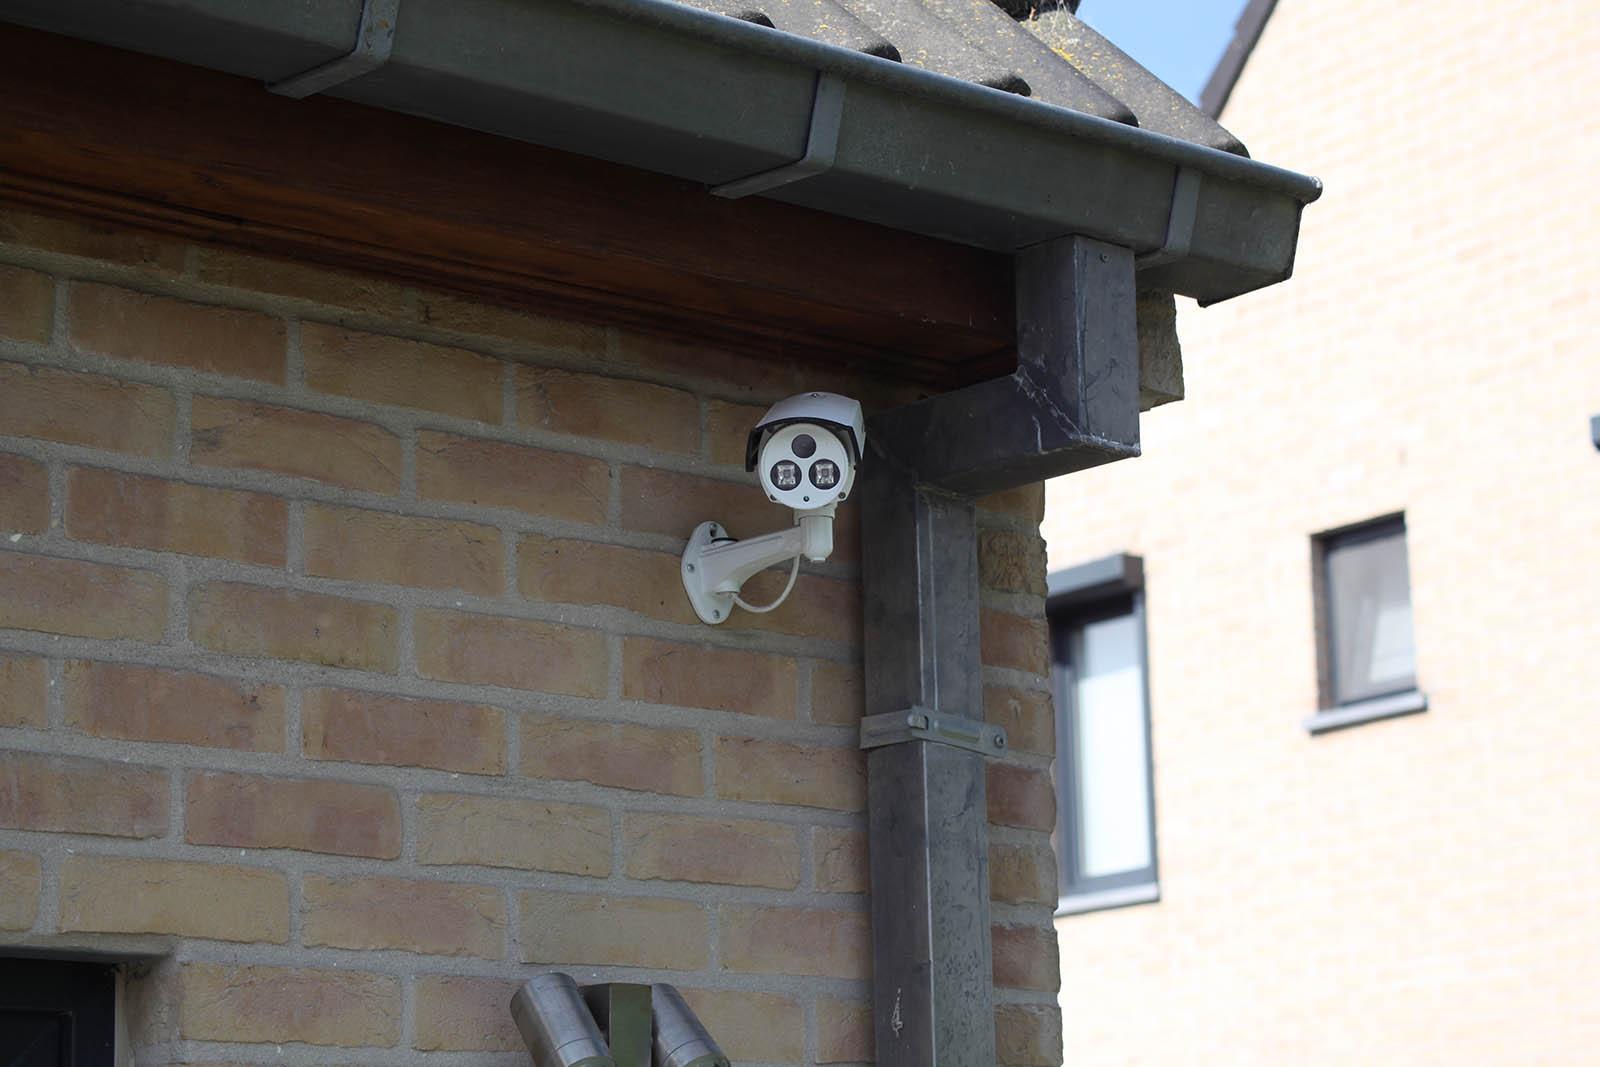 Camerabewaking voor thuis